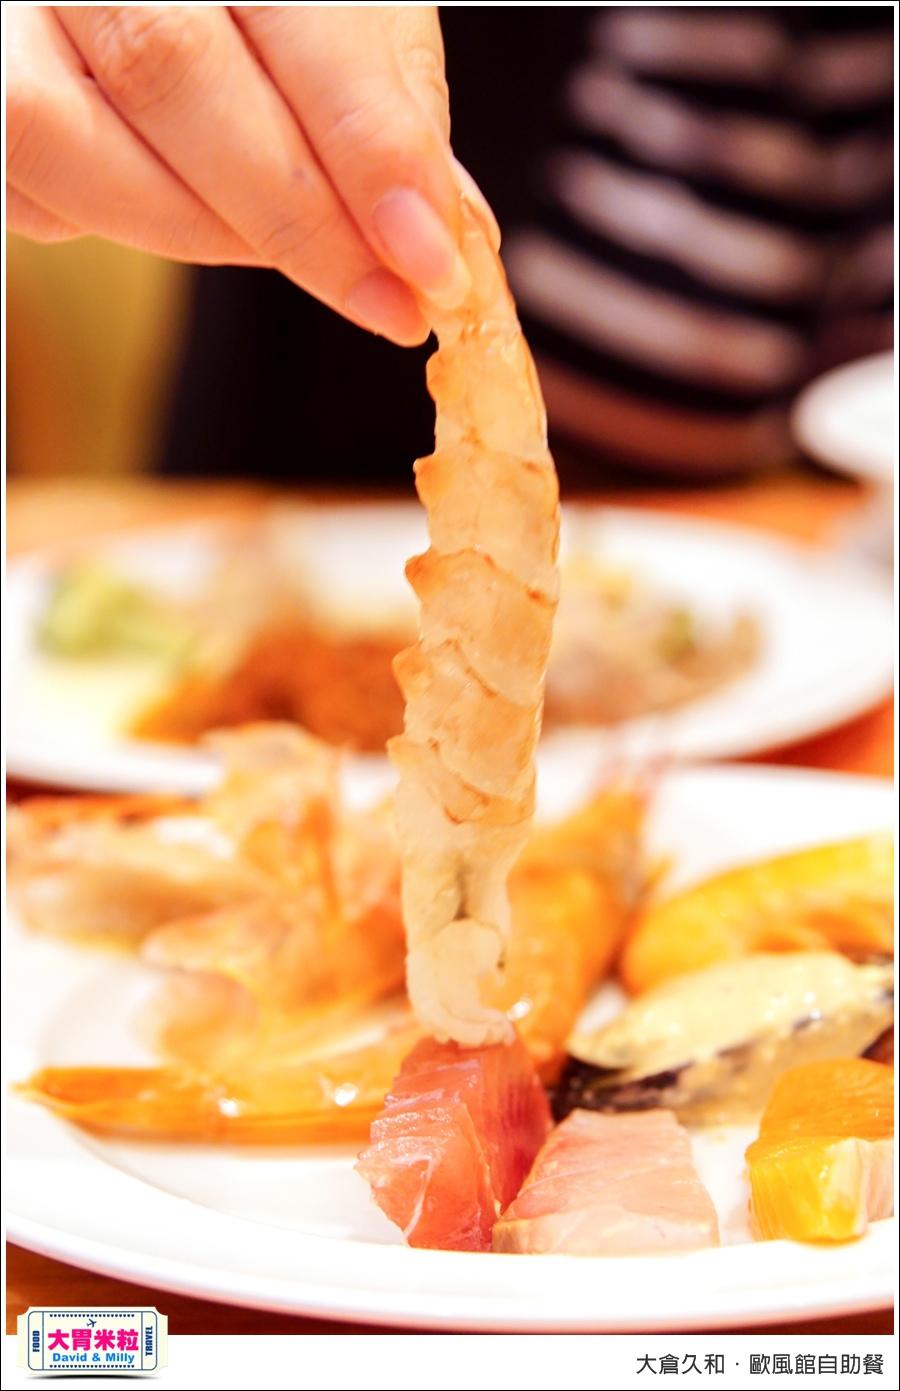 台北自助餐推薦@2017大倉久和歐風館自助餐廳@大胃米粒_066.jpg